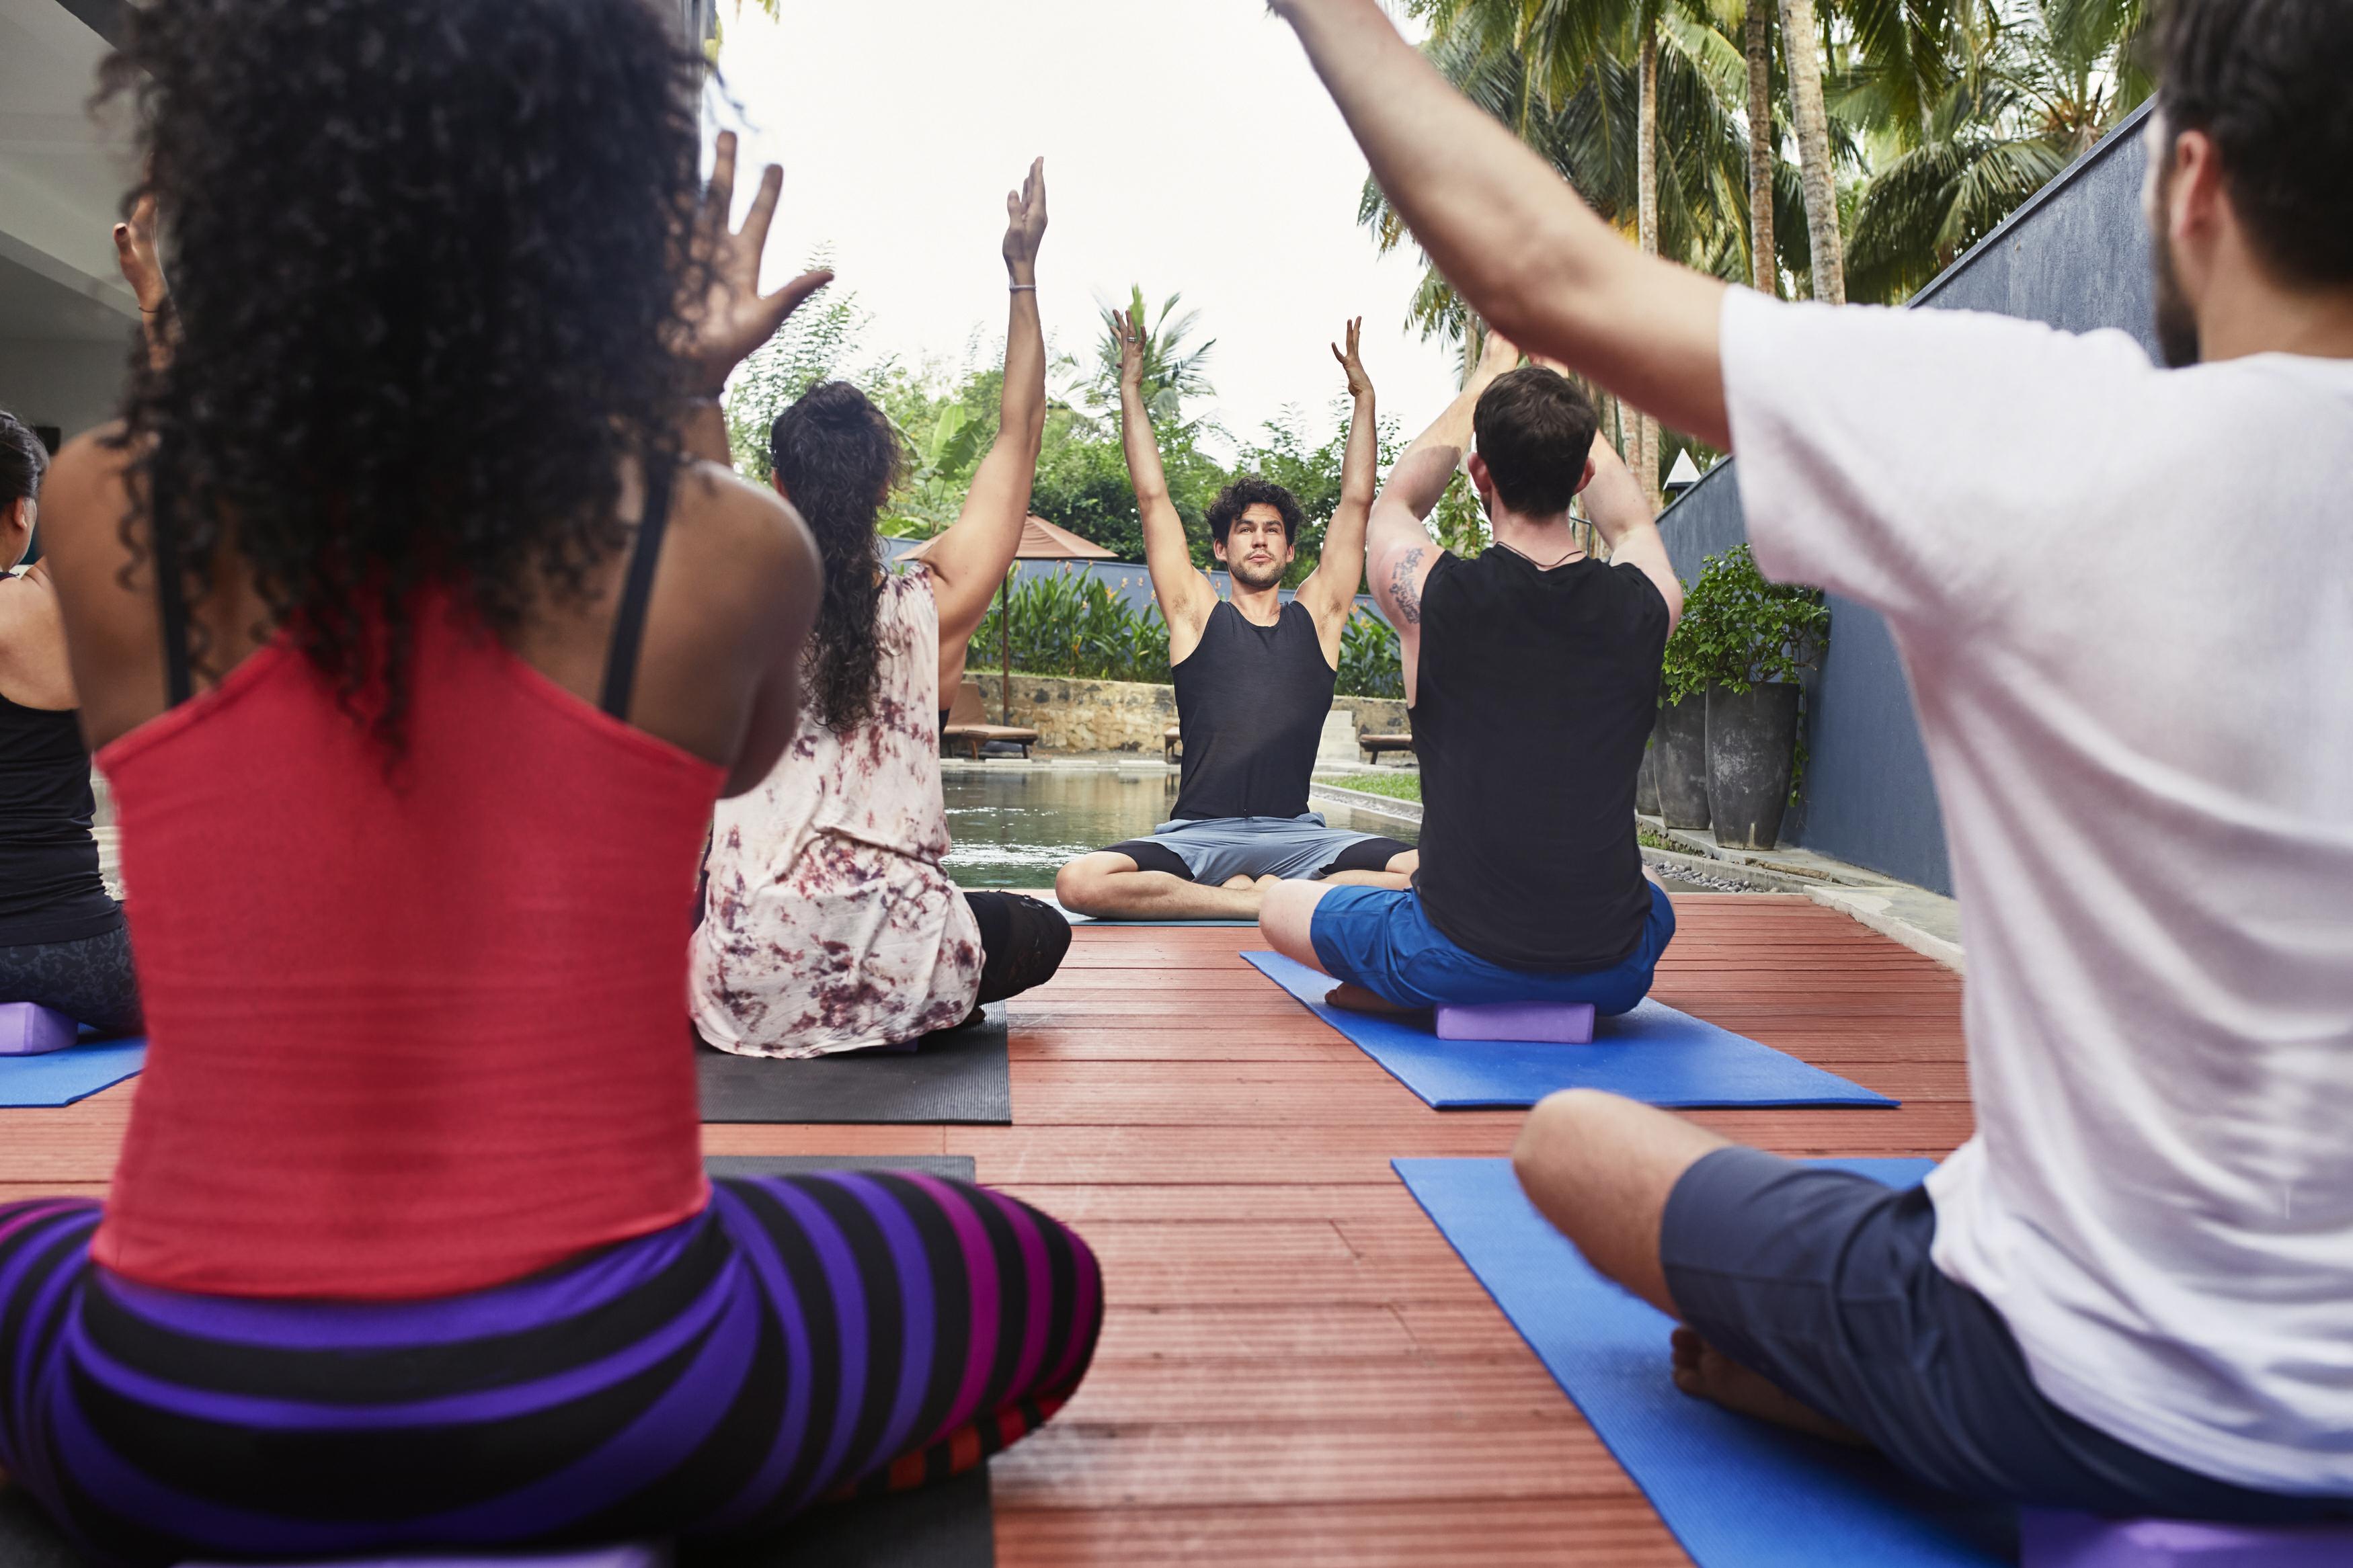 adam husler yoga retreat group yoga digital detox